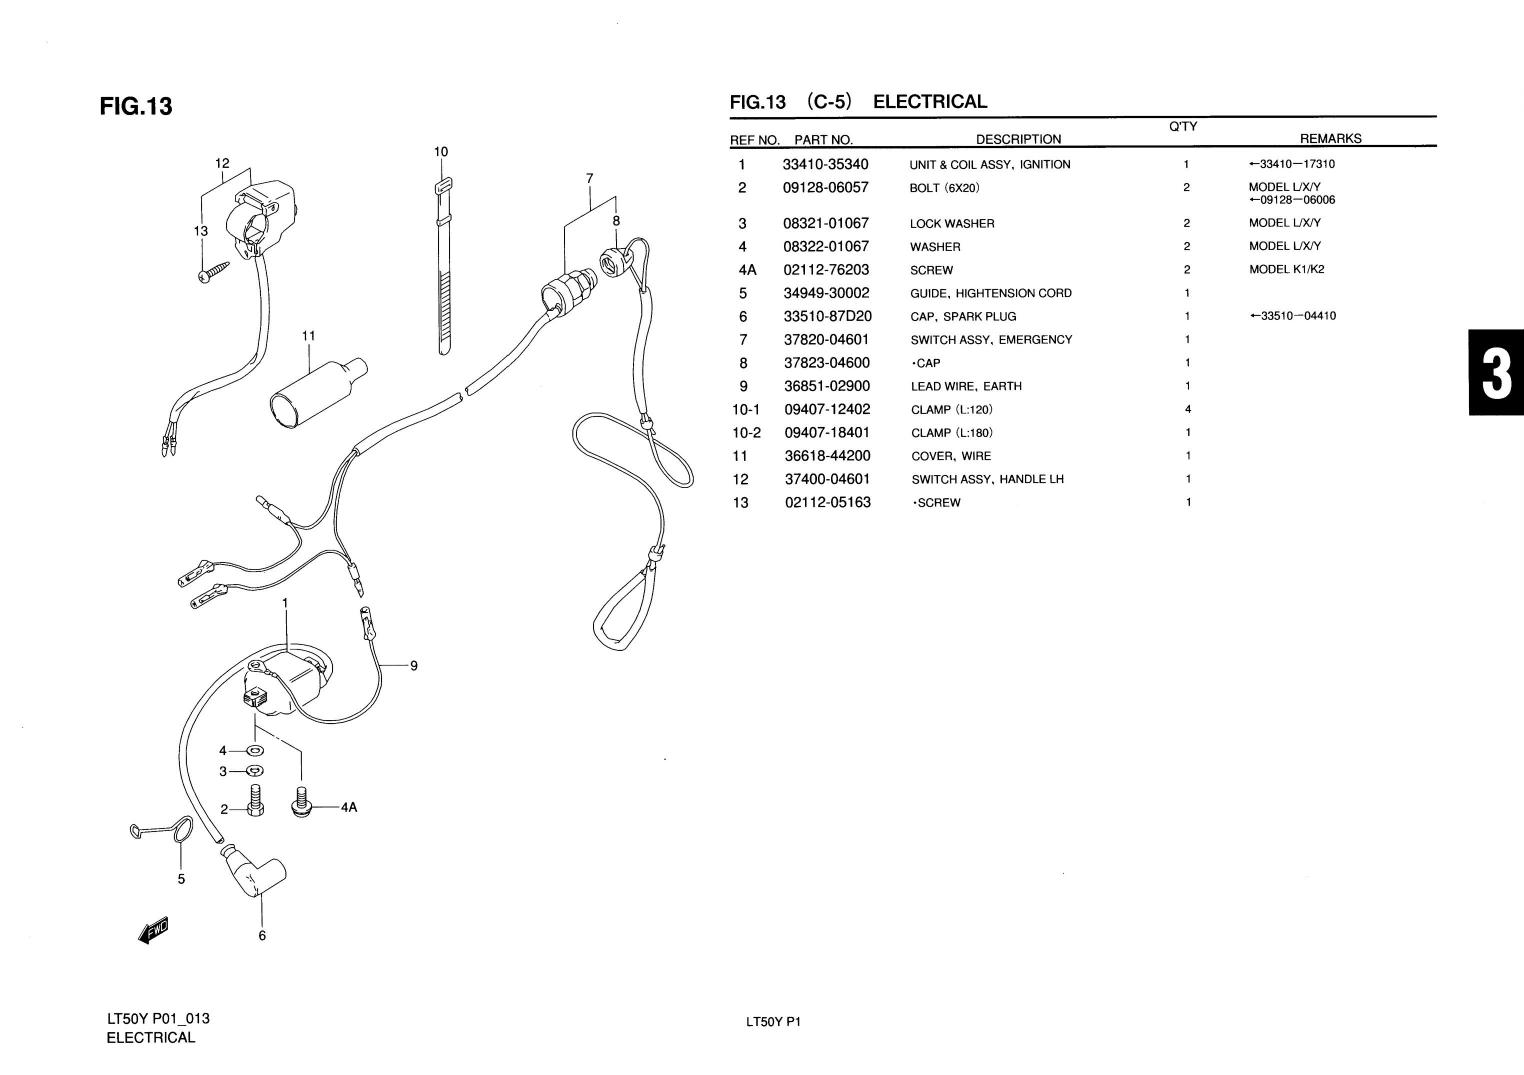 1997 suzuki lt50 parts diagram 2000 kia sephia engine genuine atv electrical emergency switch assy